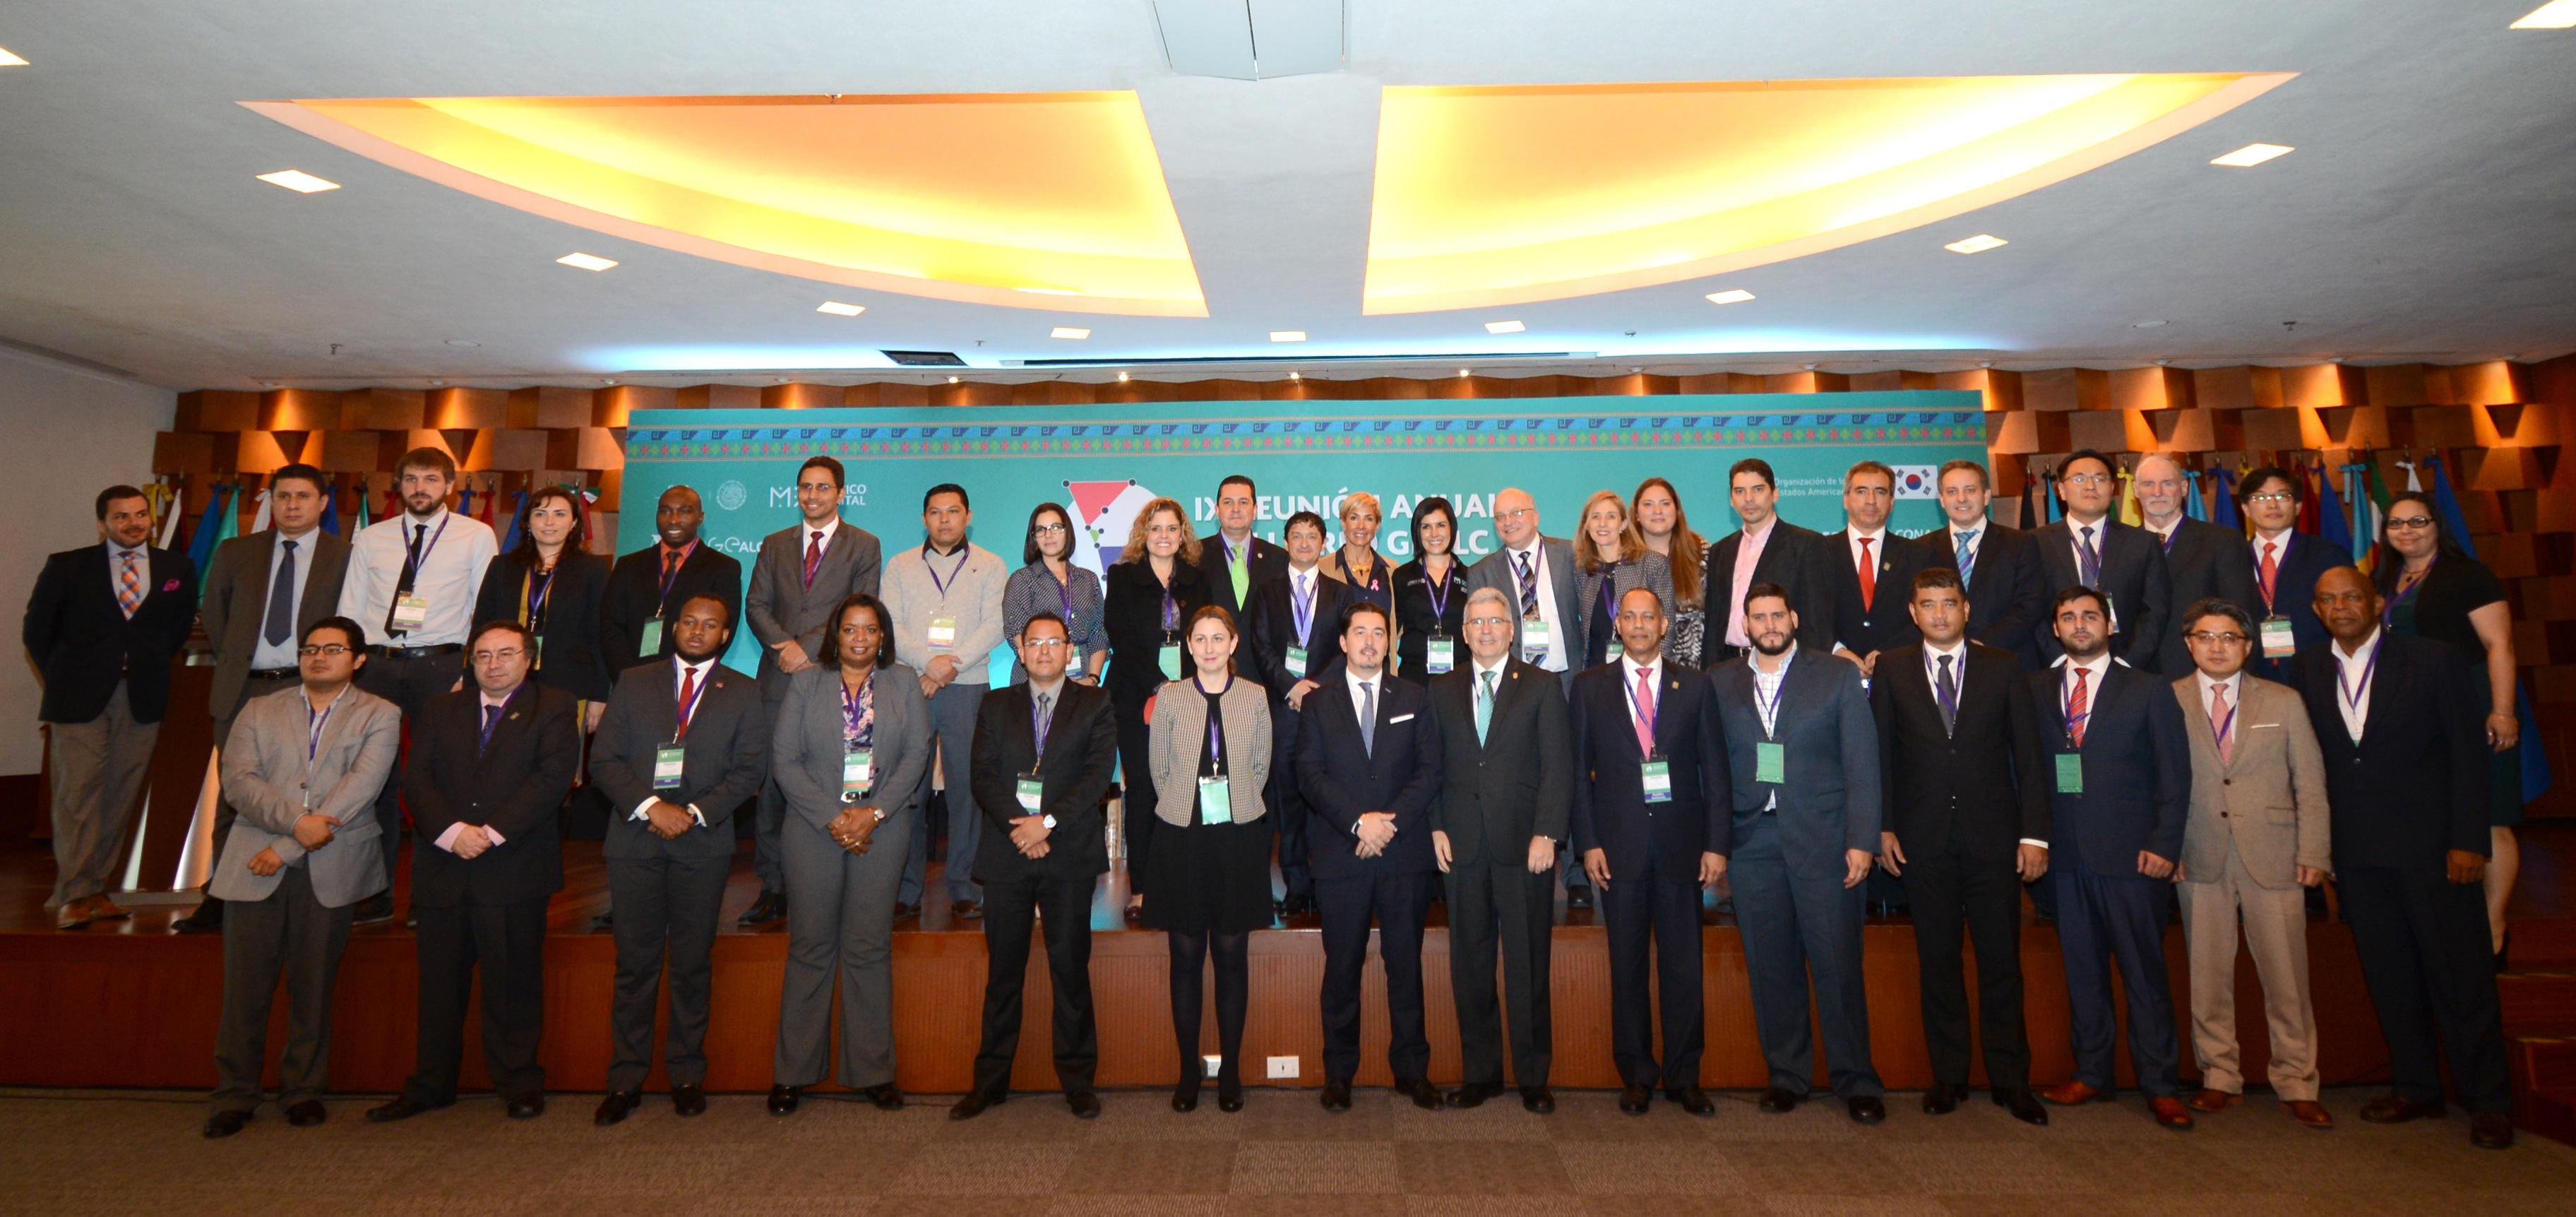 Inauguración de la IX Reunión Anual de la Red de Gobierno Electrónico de América Latina y el Caribe (Red GEALC).